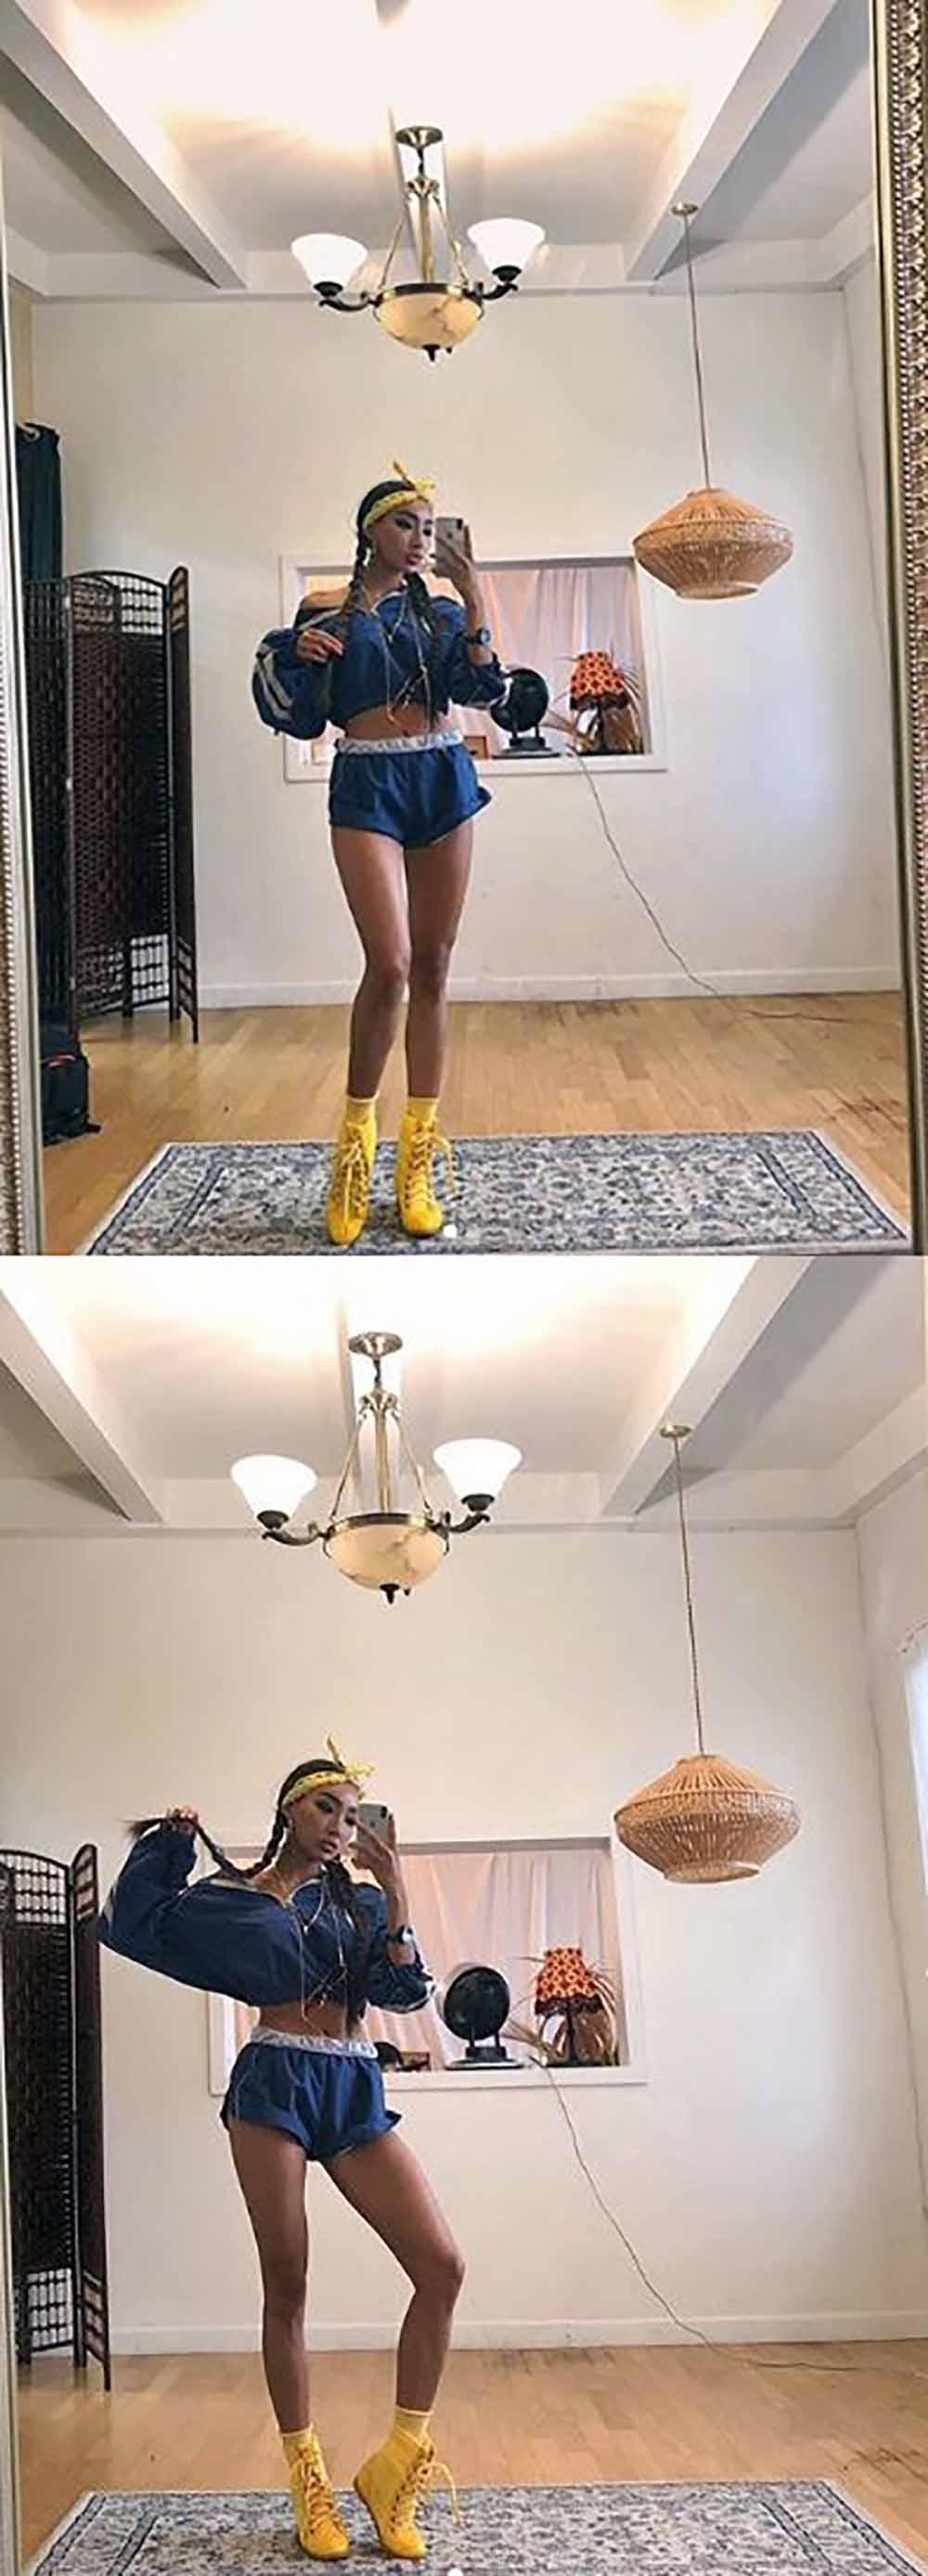 문가비, 변함없는 워너비 몸매 과시…'화려한 스타일링도 완벽 소화'